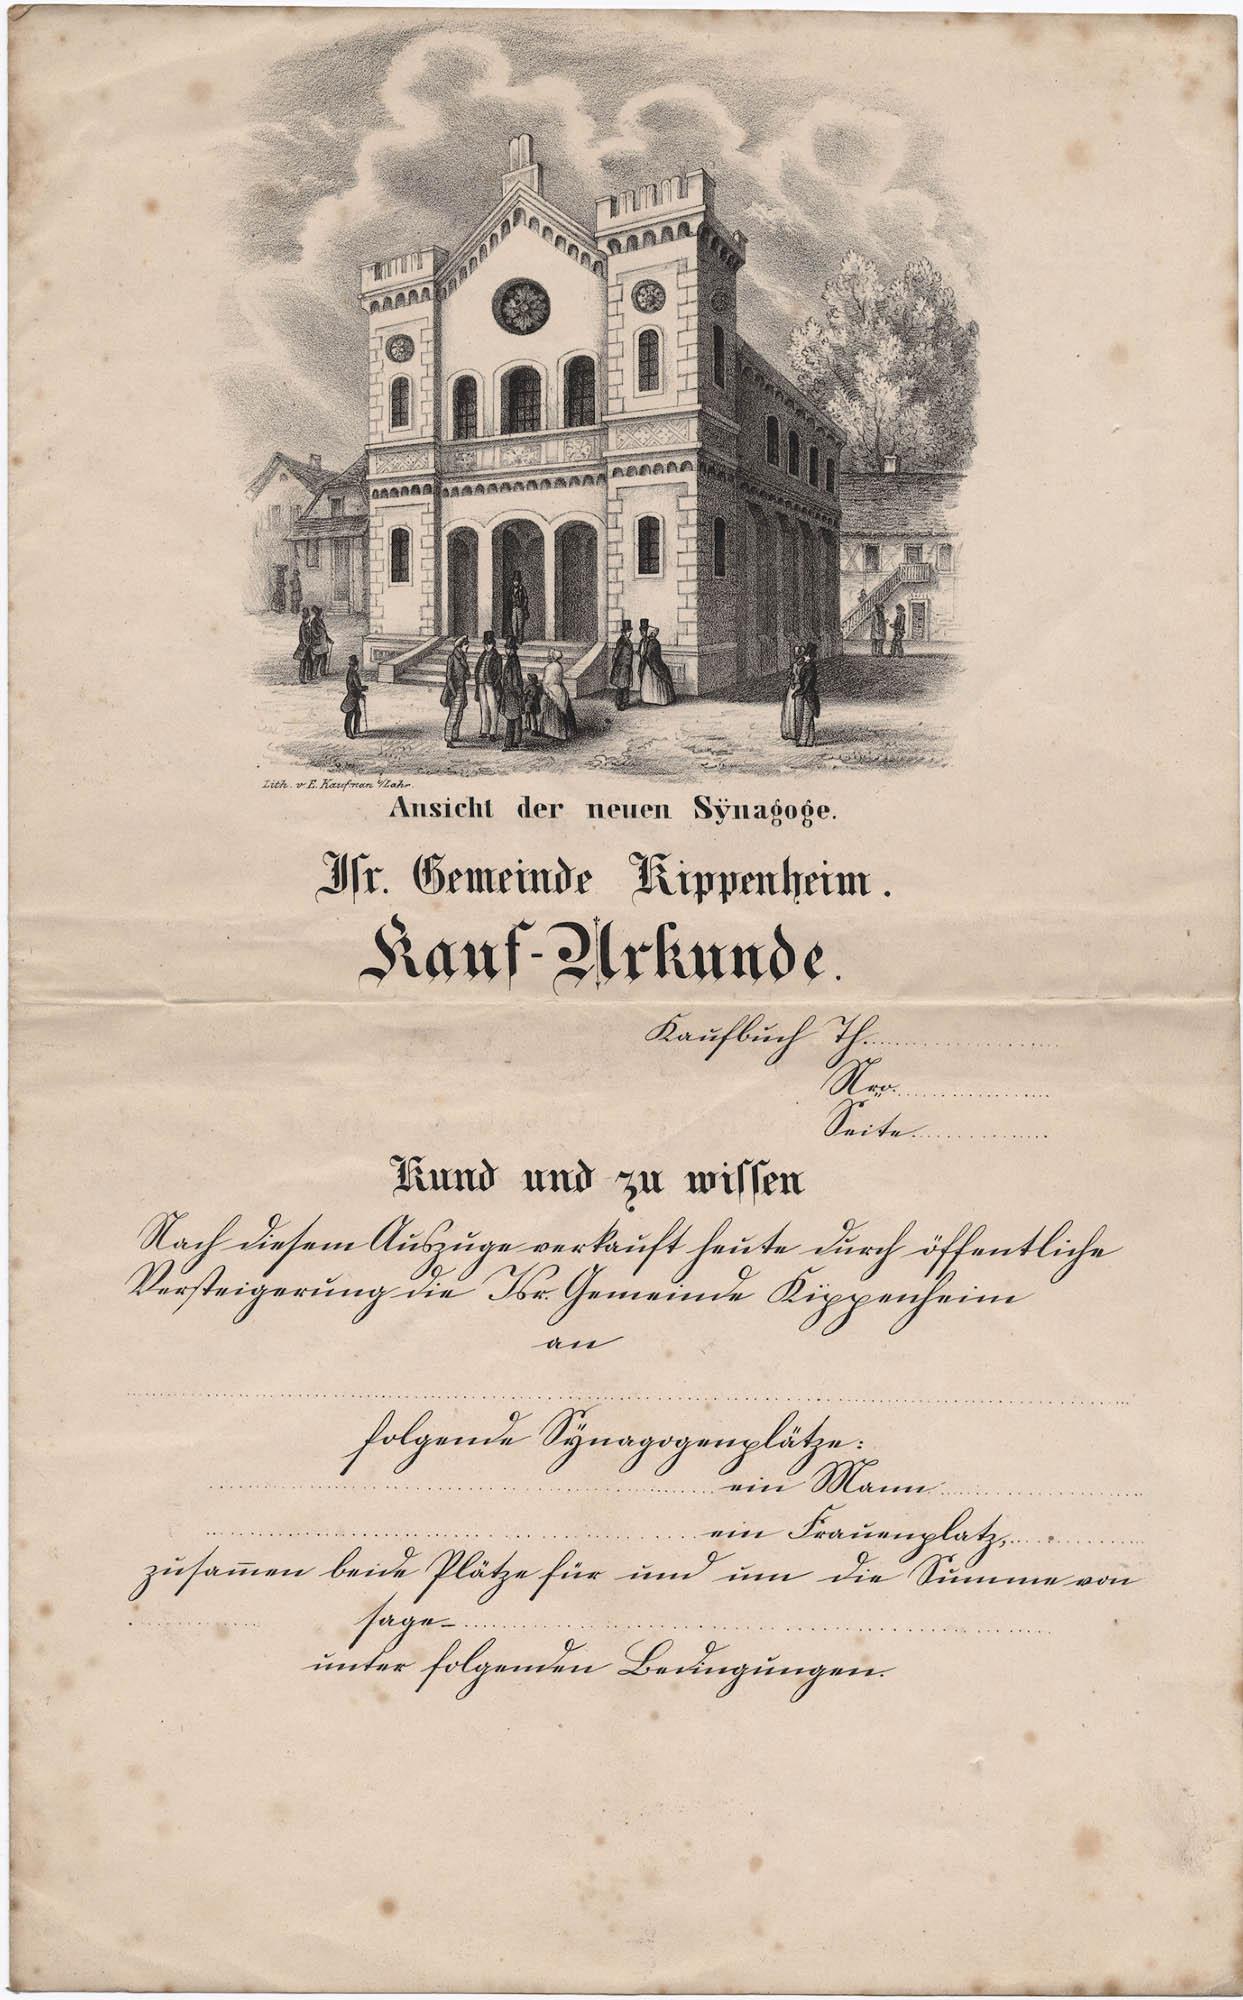 Ansicht der Neuen Synagoge. Isr. Gemeinde Kippenheim. Kauf-Urkunde.